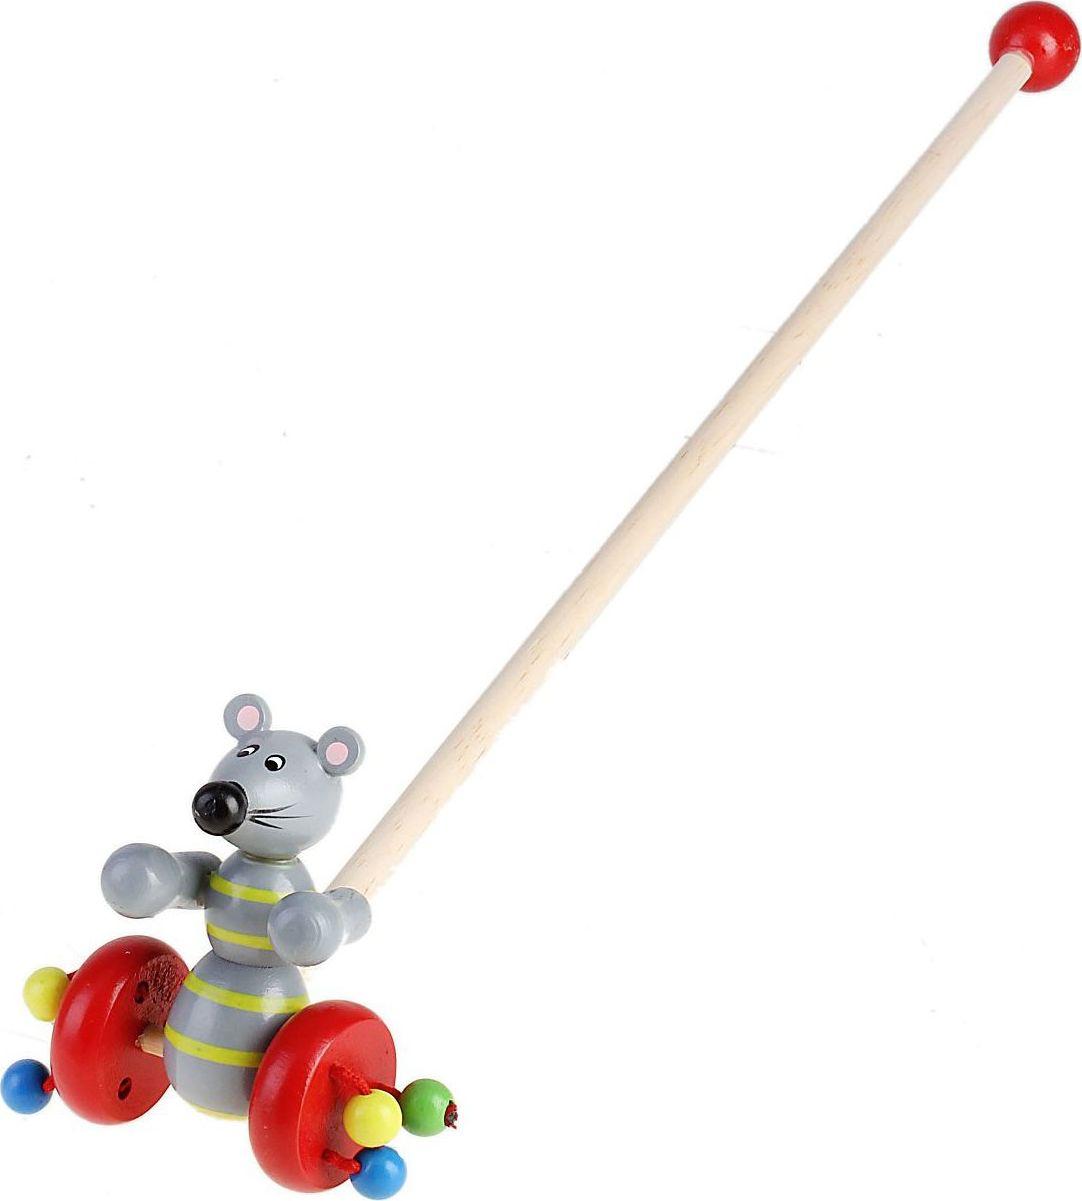 Sima-land Игрушка-каталка Мышка каталки игрушки mertens каталка обезьянка